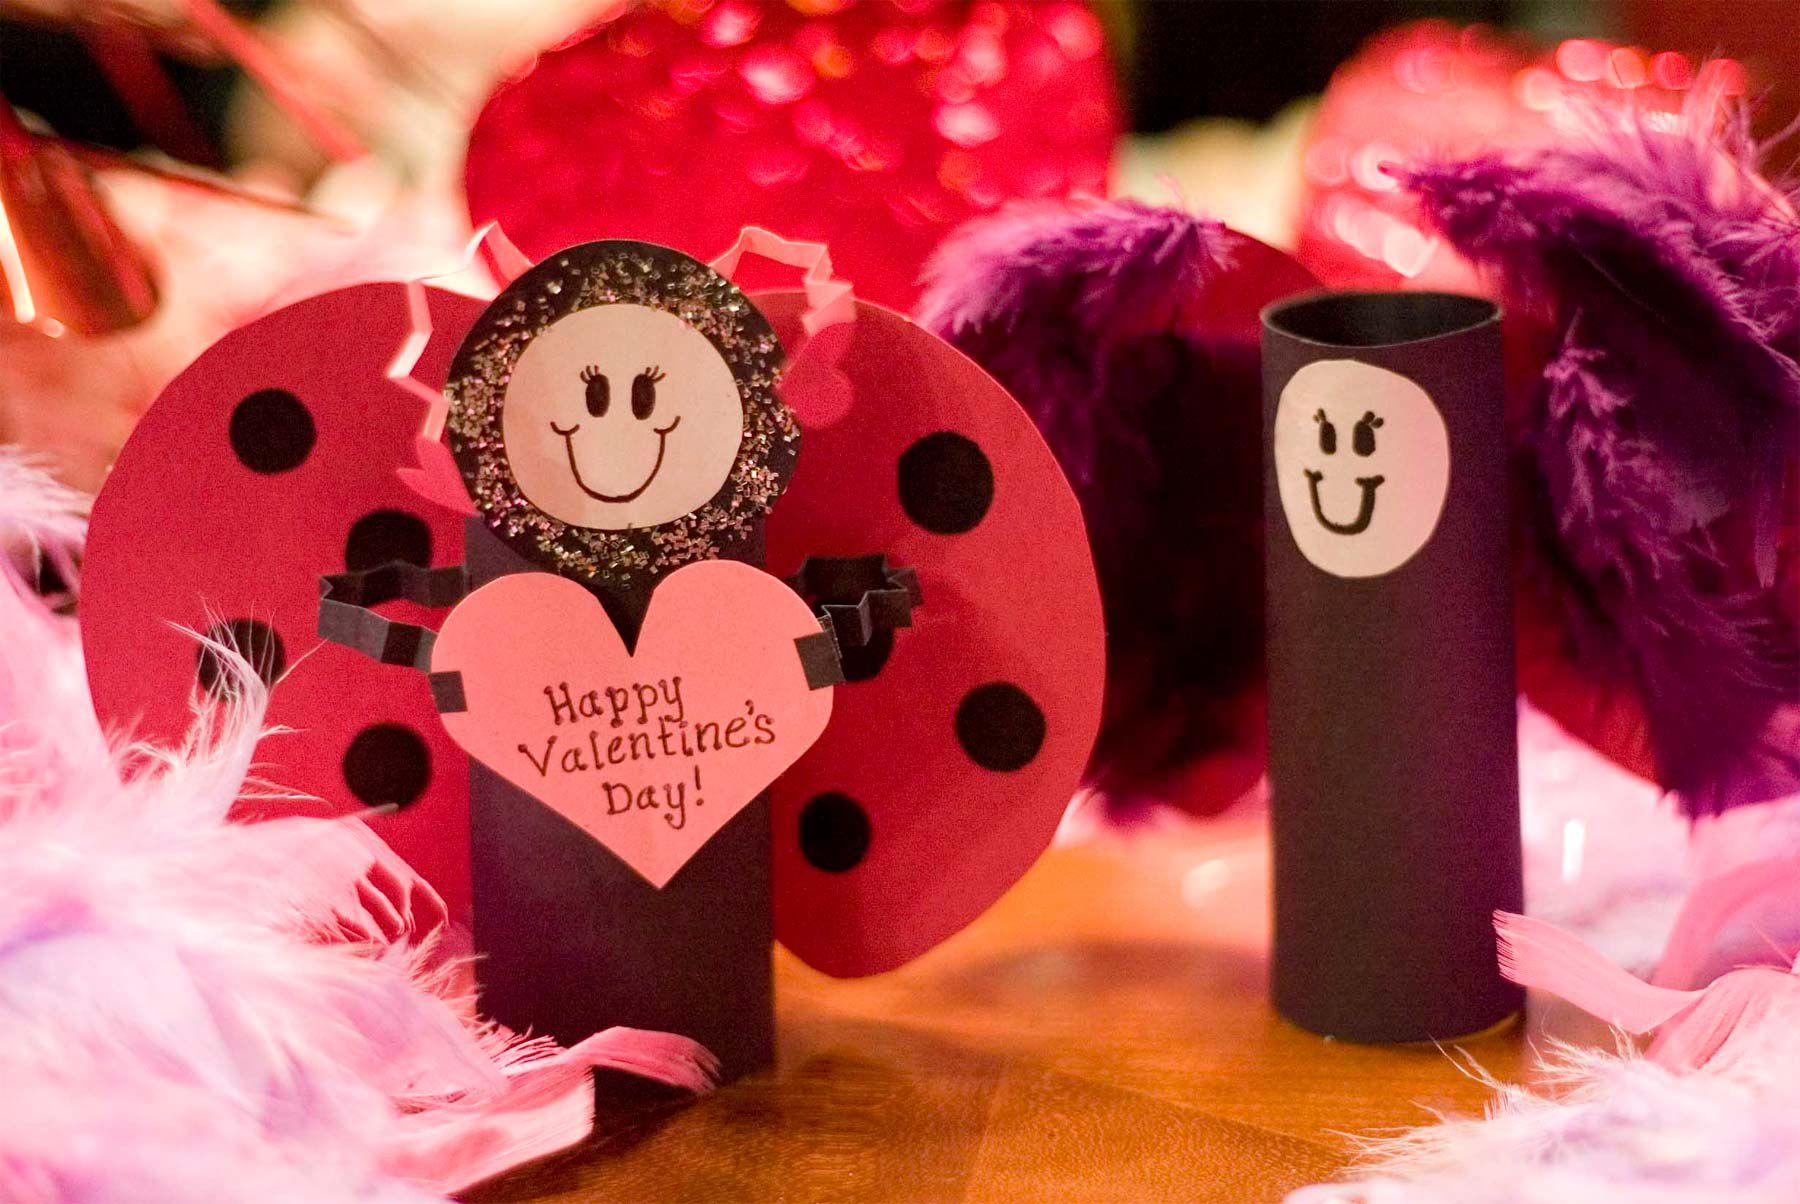 Валентинки на 14 февраля: 7 симпатичных идей